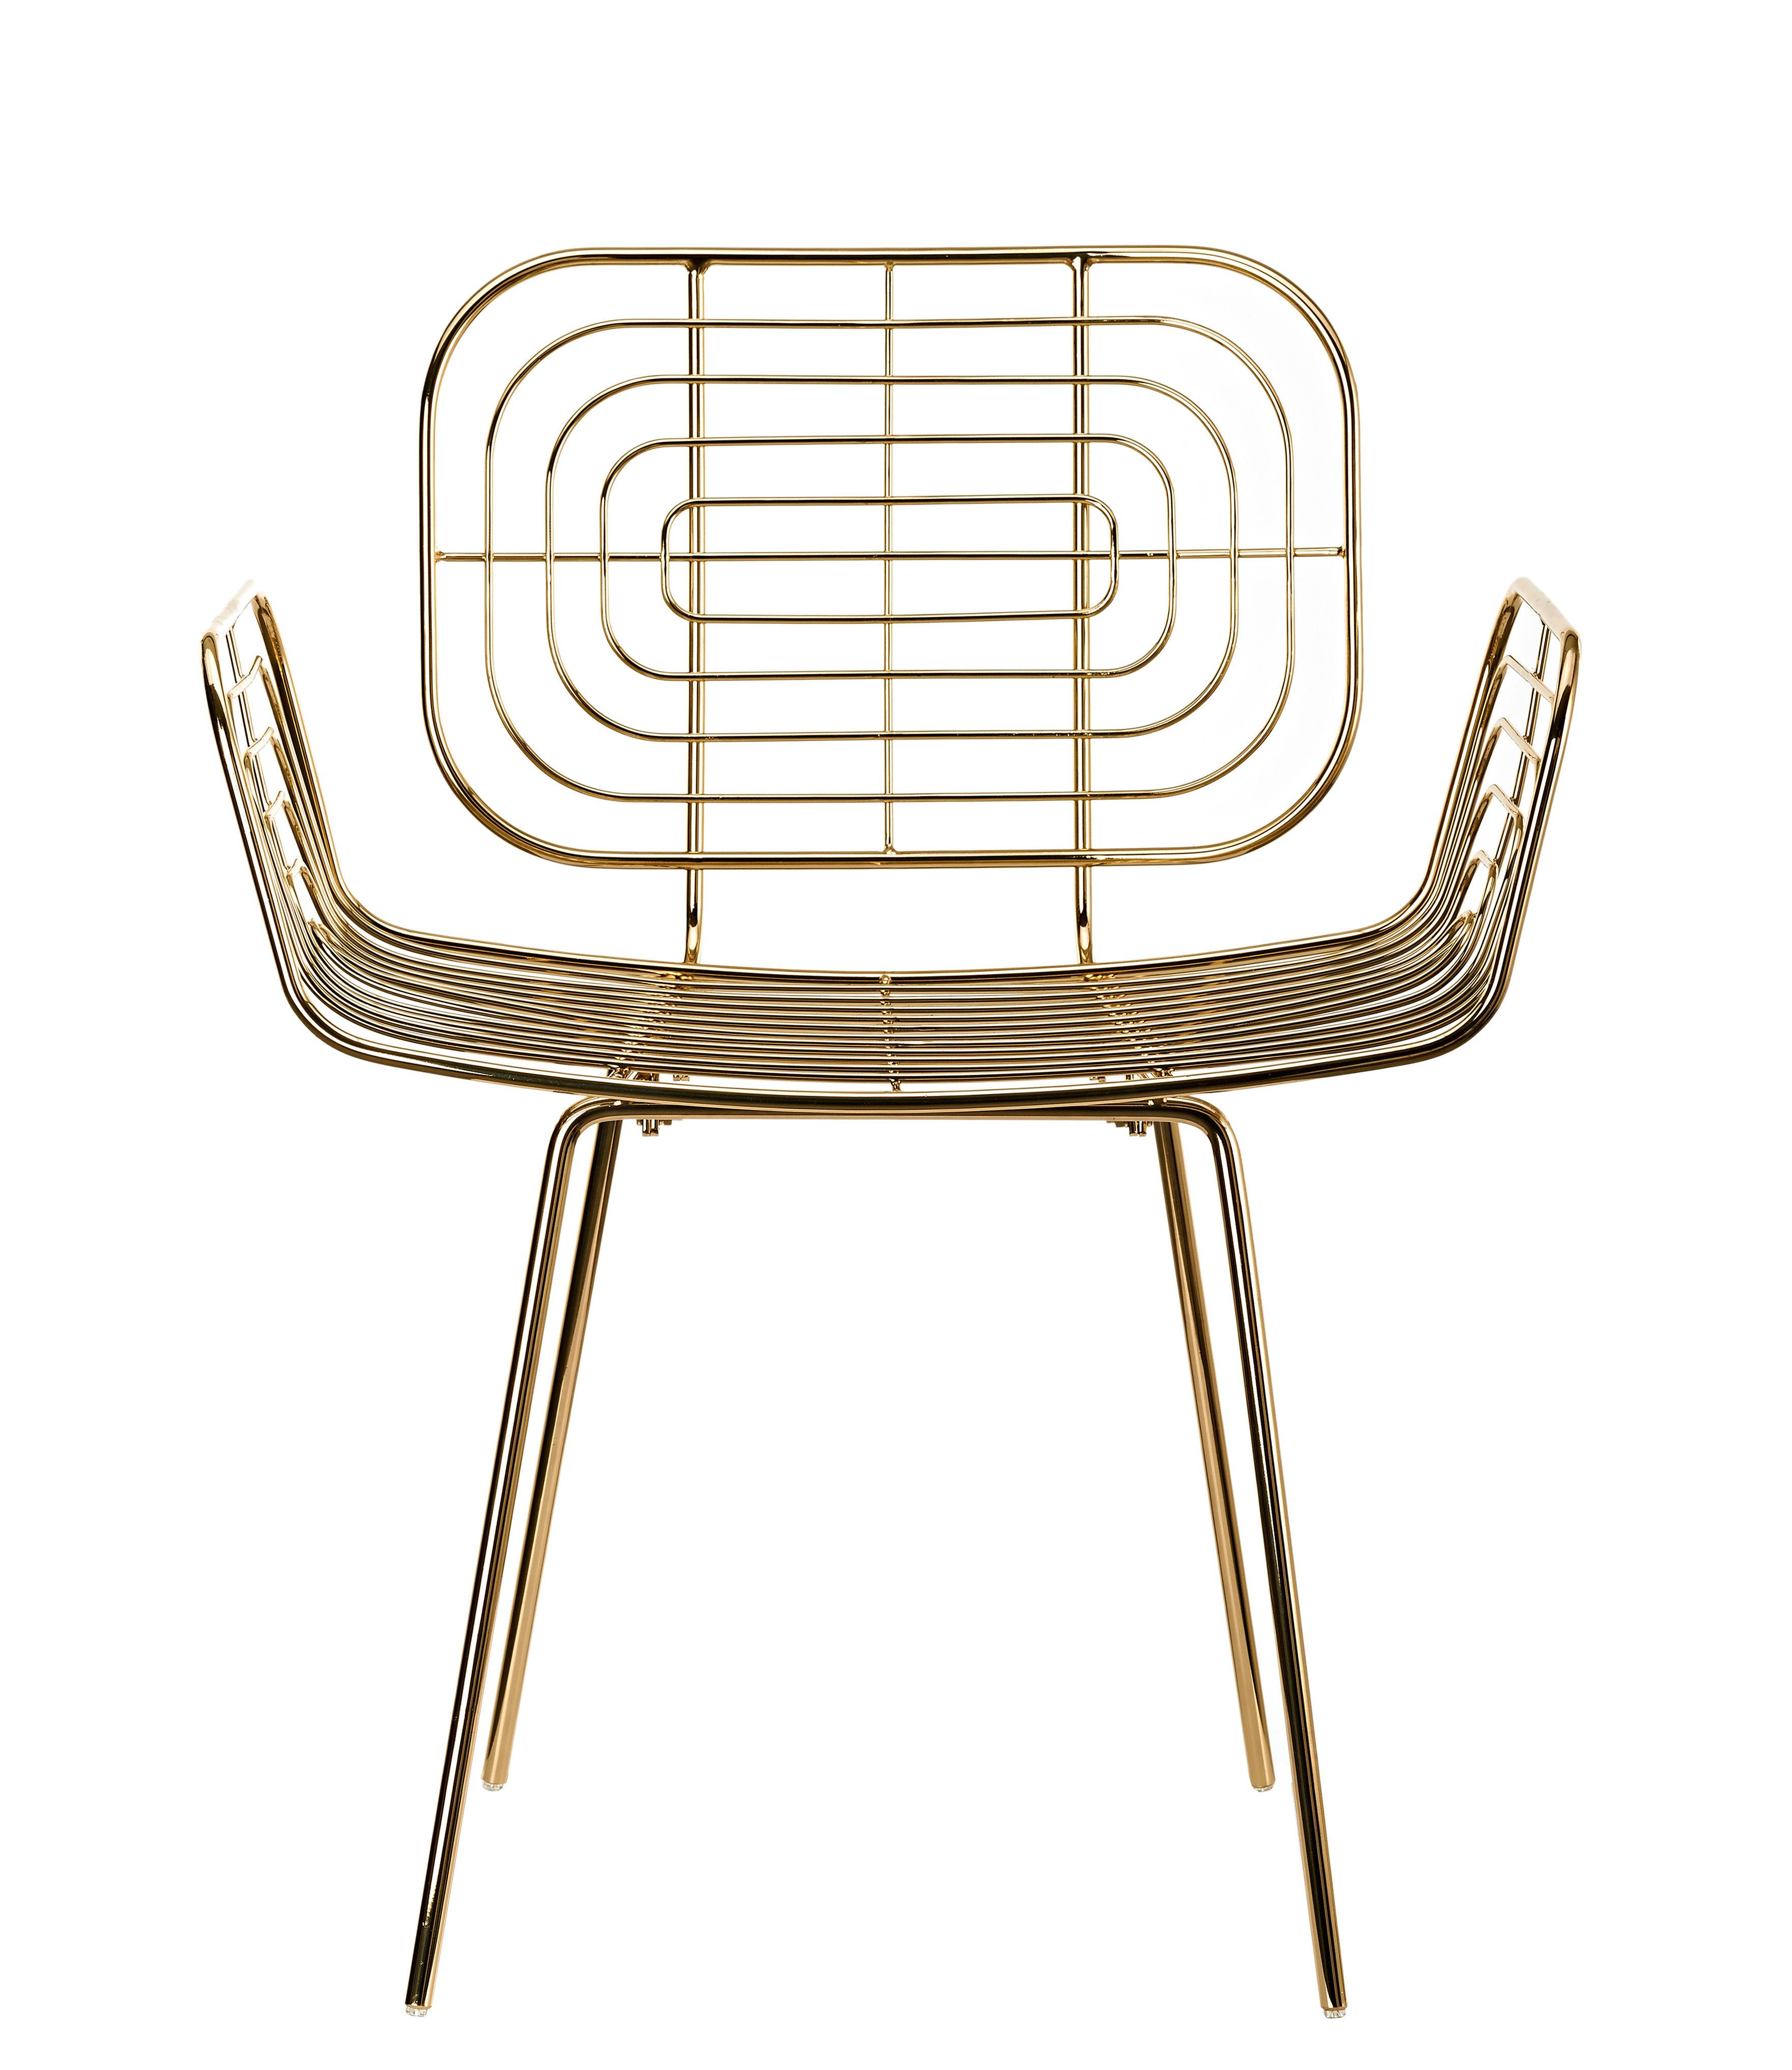 Mobilier - Chaises, fauteuils de salle à manger - Fauteuil Boston / Métal - Pols Potten - Doré - Métal laqué